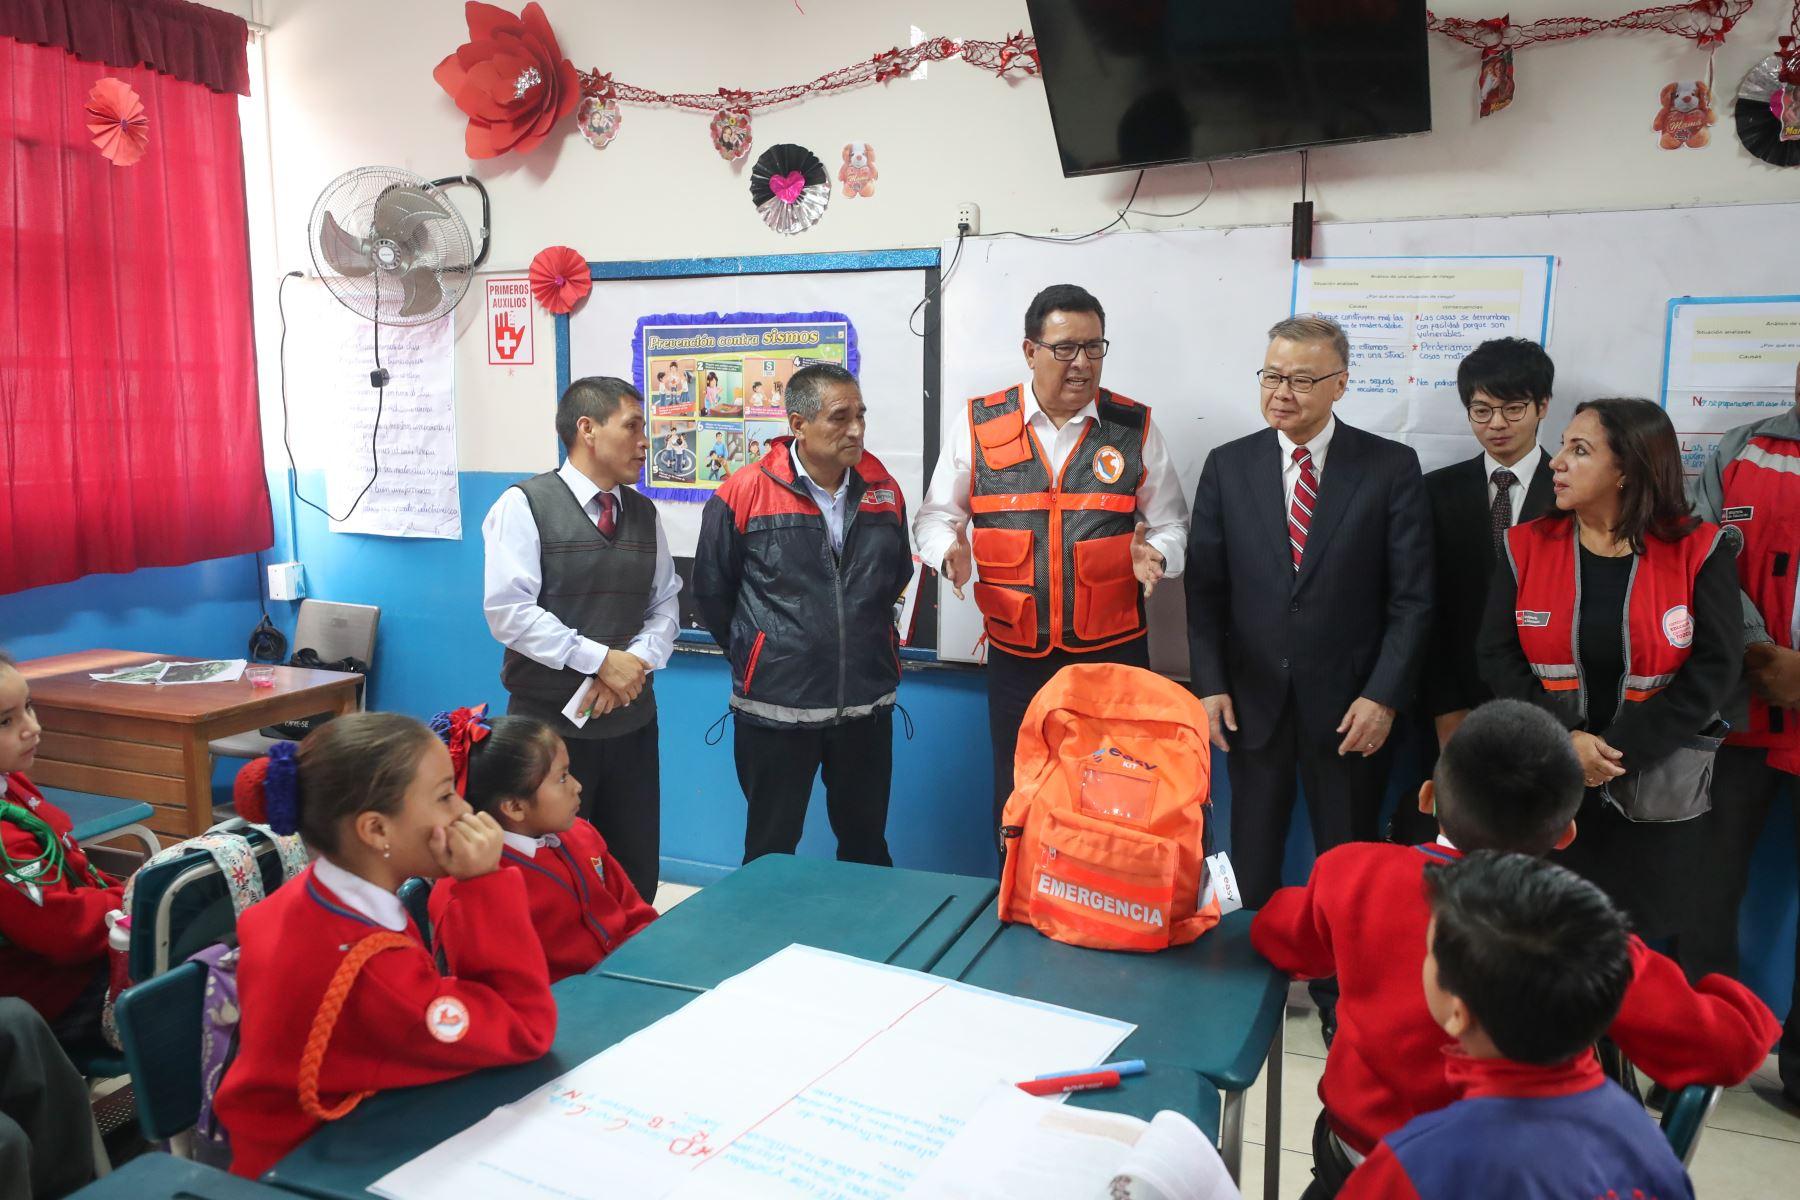 Ministro de Defensa José Huerta participó en simulacro de sismo y tsunami en Ventanilla. Foto:ANDINA/MINDEF